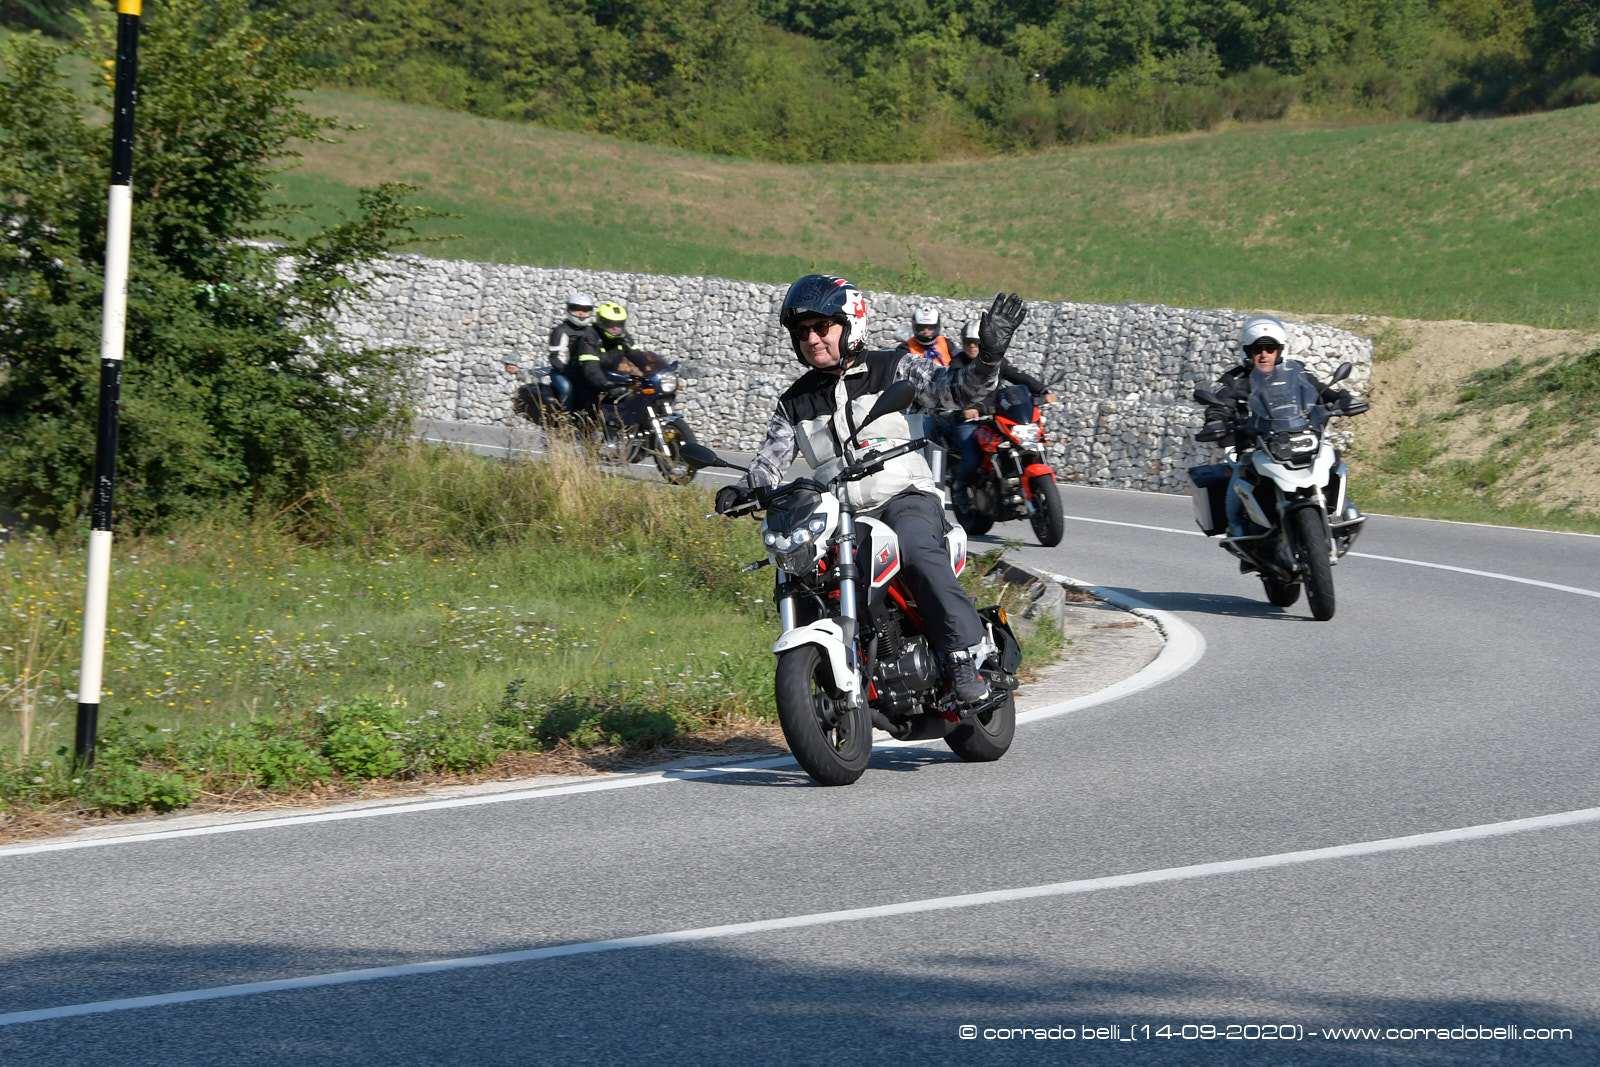 0116_-Benelli-Week-14-09-20